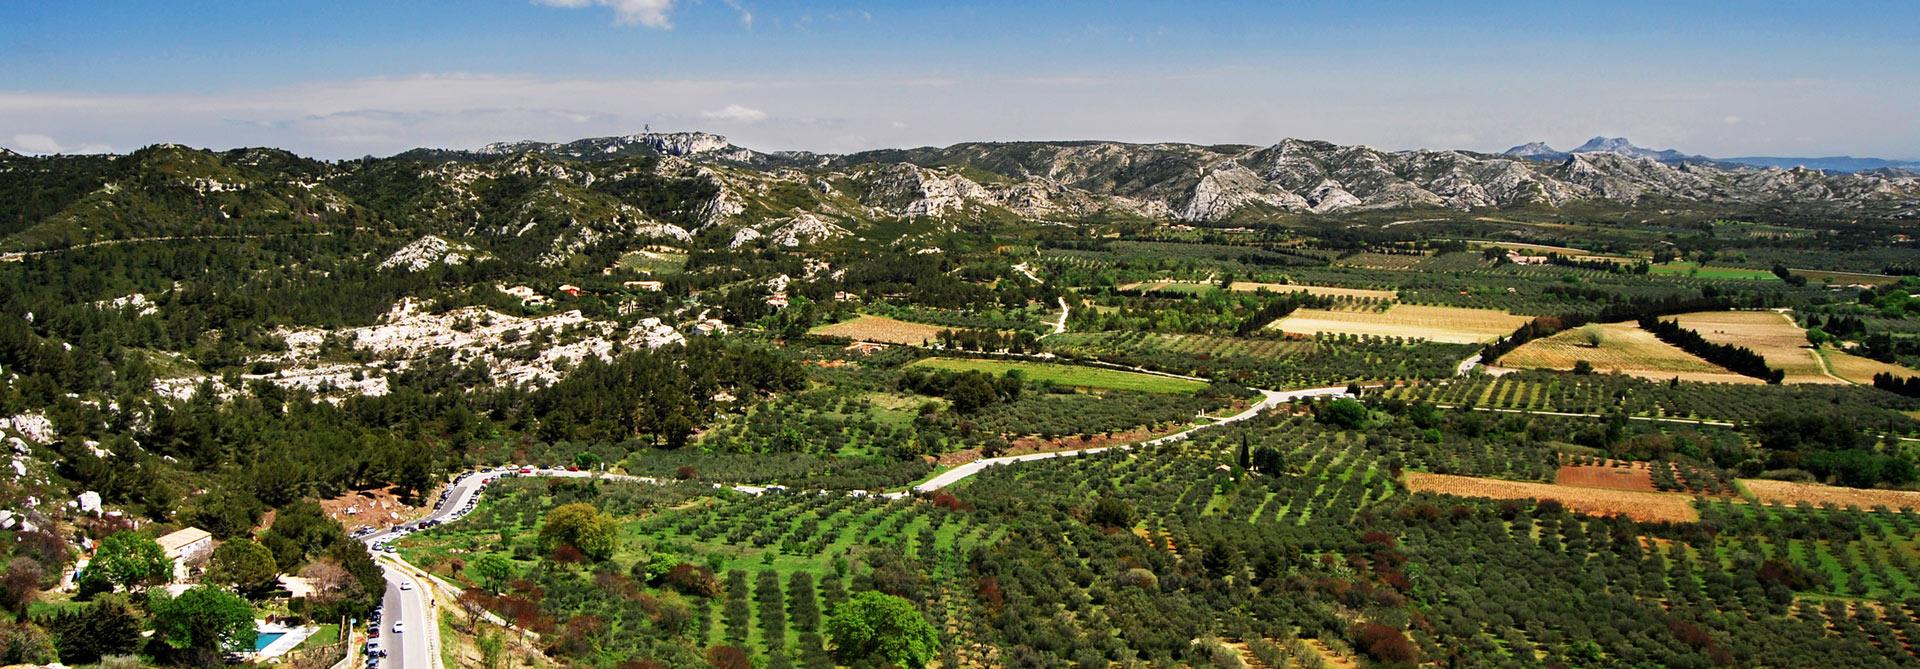 Musée du savon de Marseille, une étape incontournable du tourisme en Provence